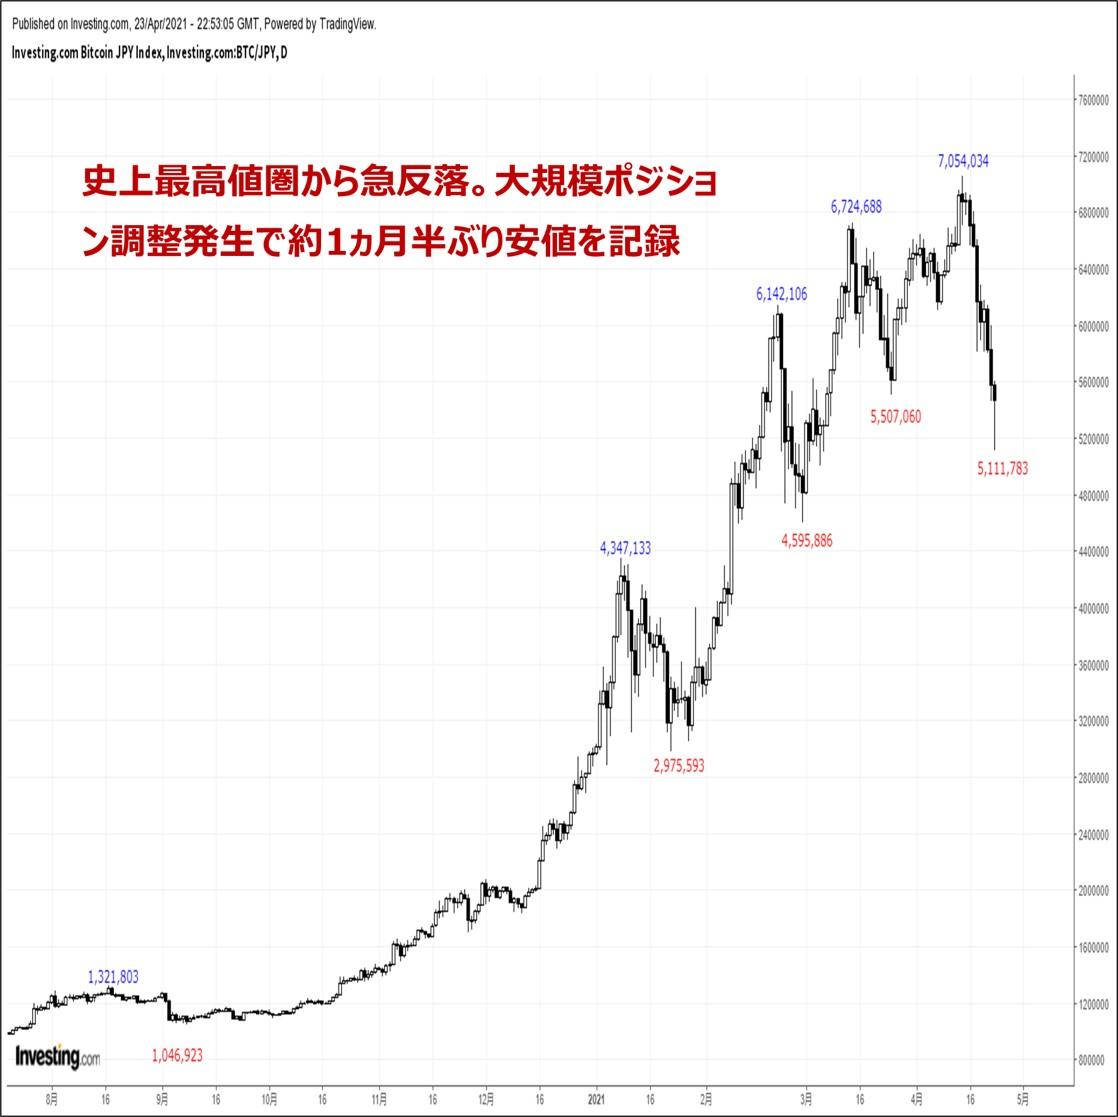 ビットコインの価格分析:『大規模ポジション調整発生で約1ヶ月半ぶり安値圏へ』(4/24)